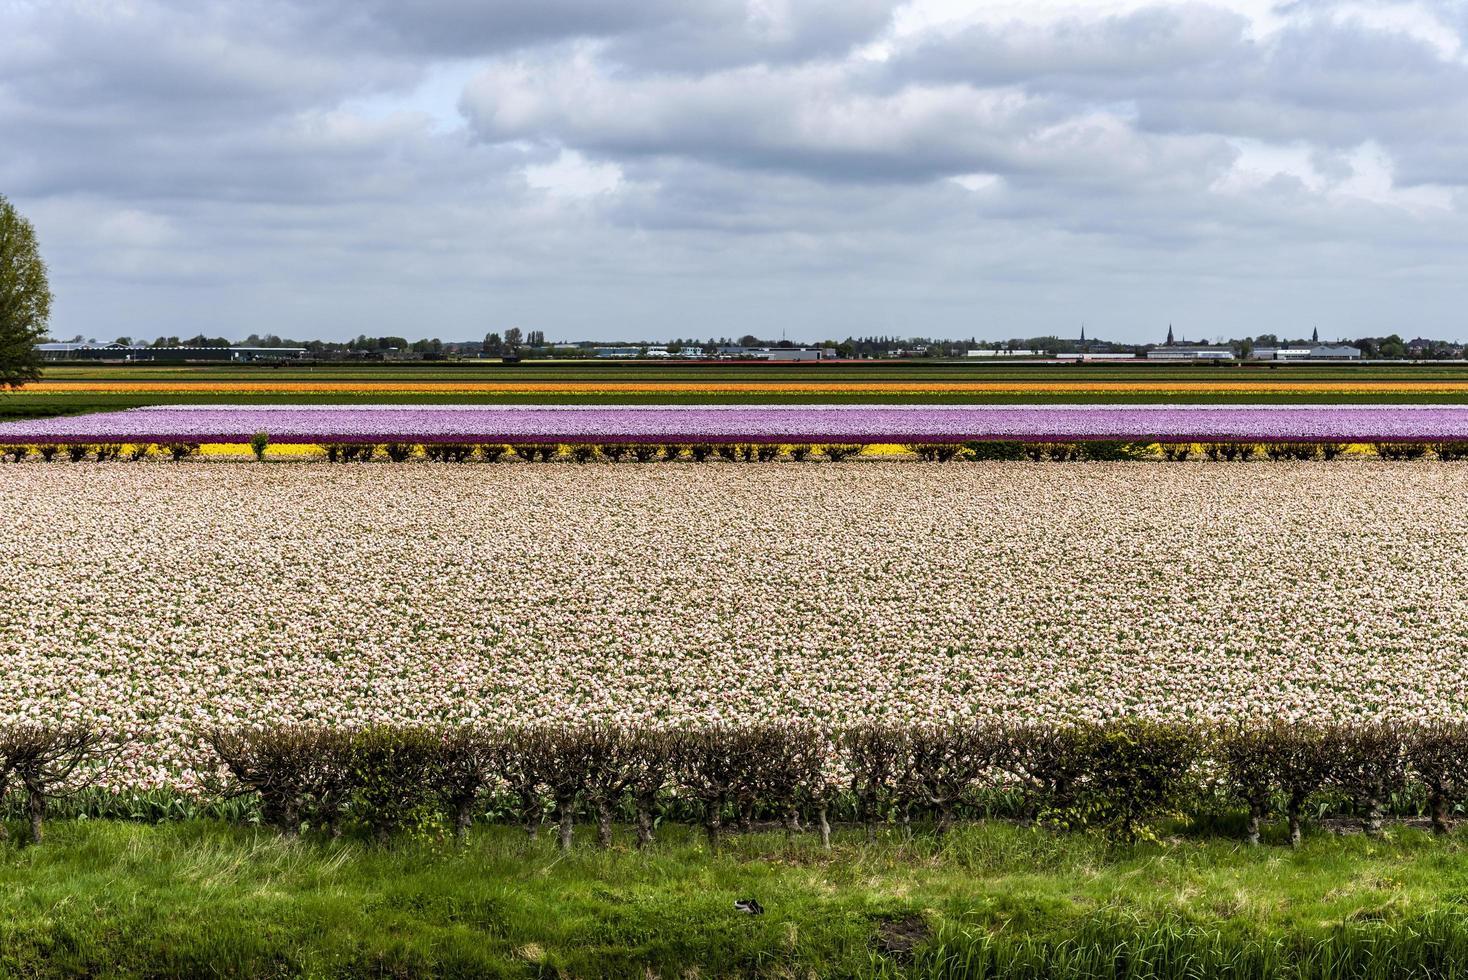 große landwirtschaftliche Felder mit Schnittblumen foto